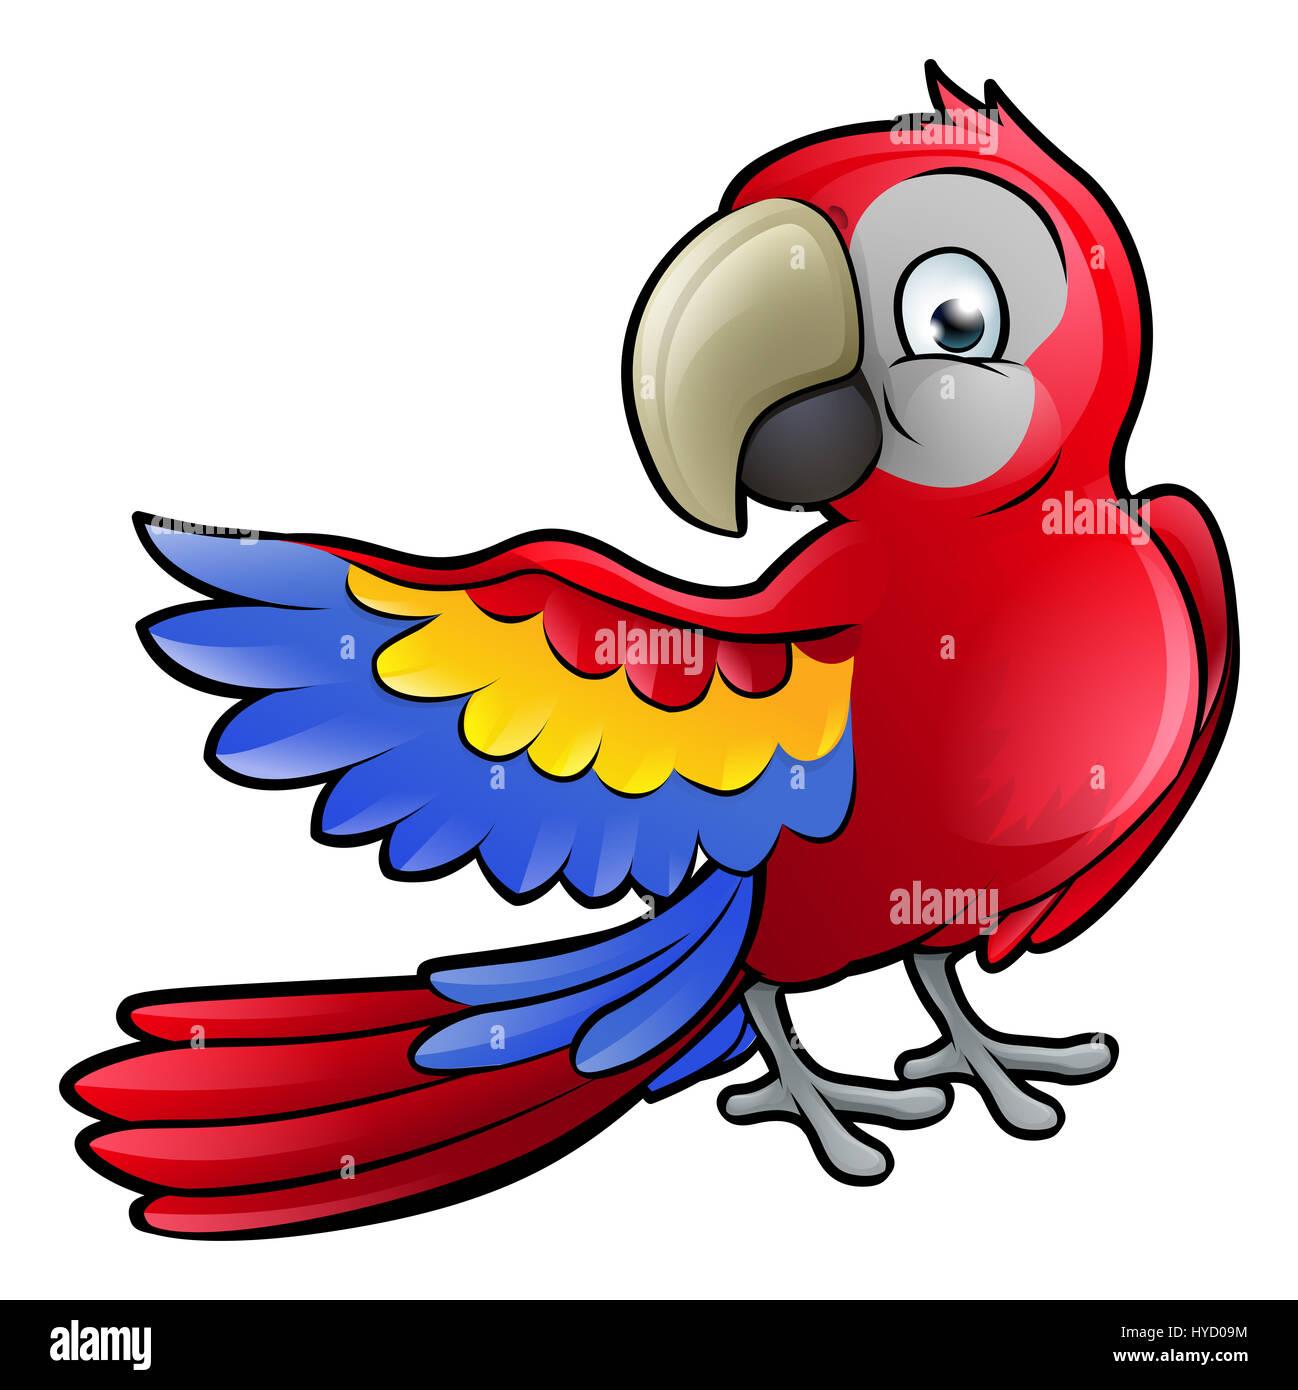 ein papagei vogel safari tiere comic figur stockfoto  bild Pirate Treasure Clip Art Pirate Parrot Clip Art Black and White